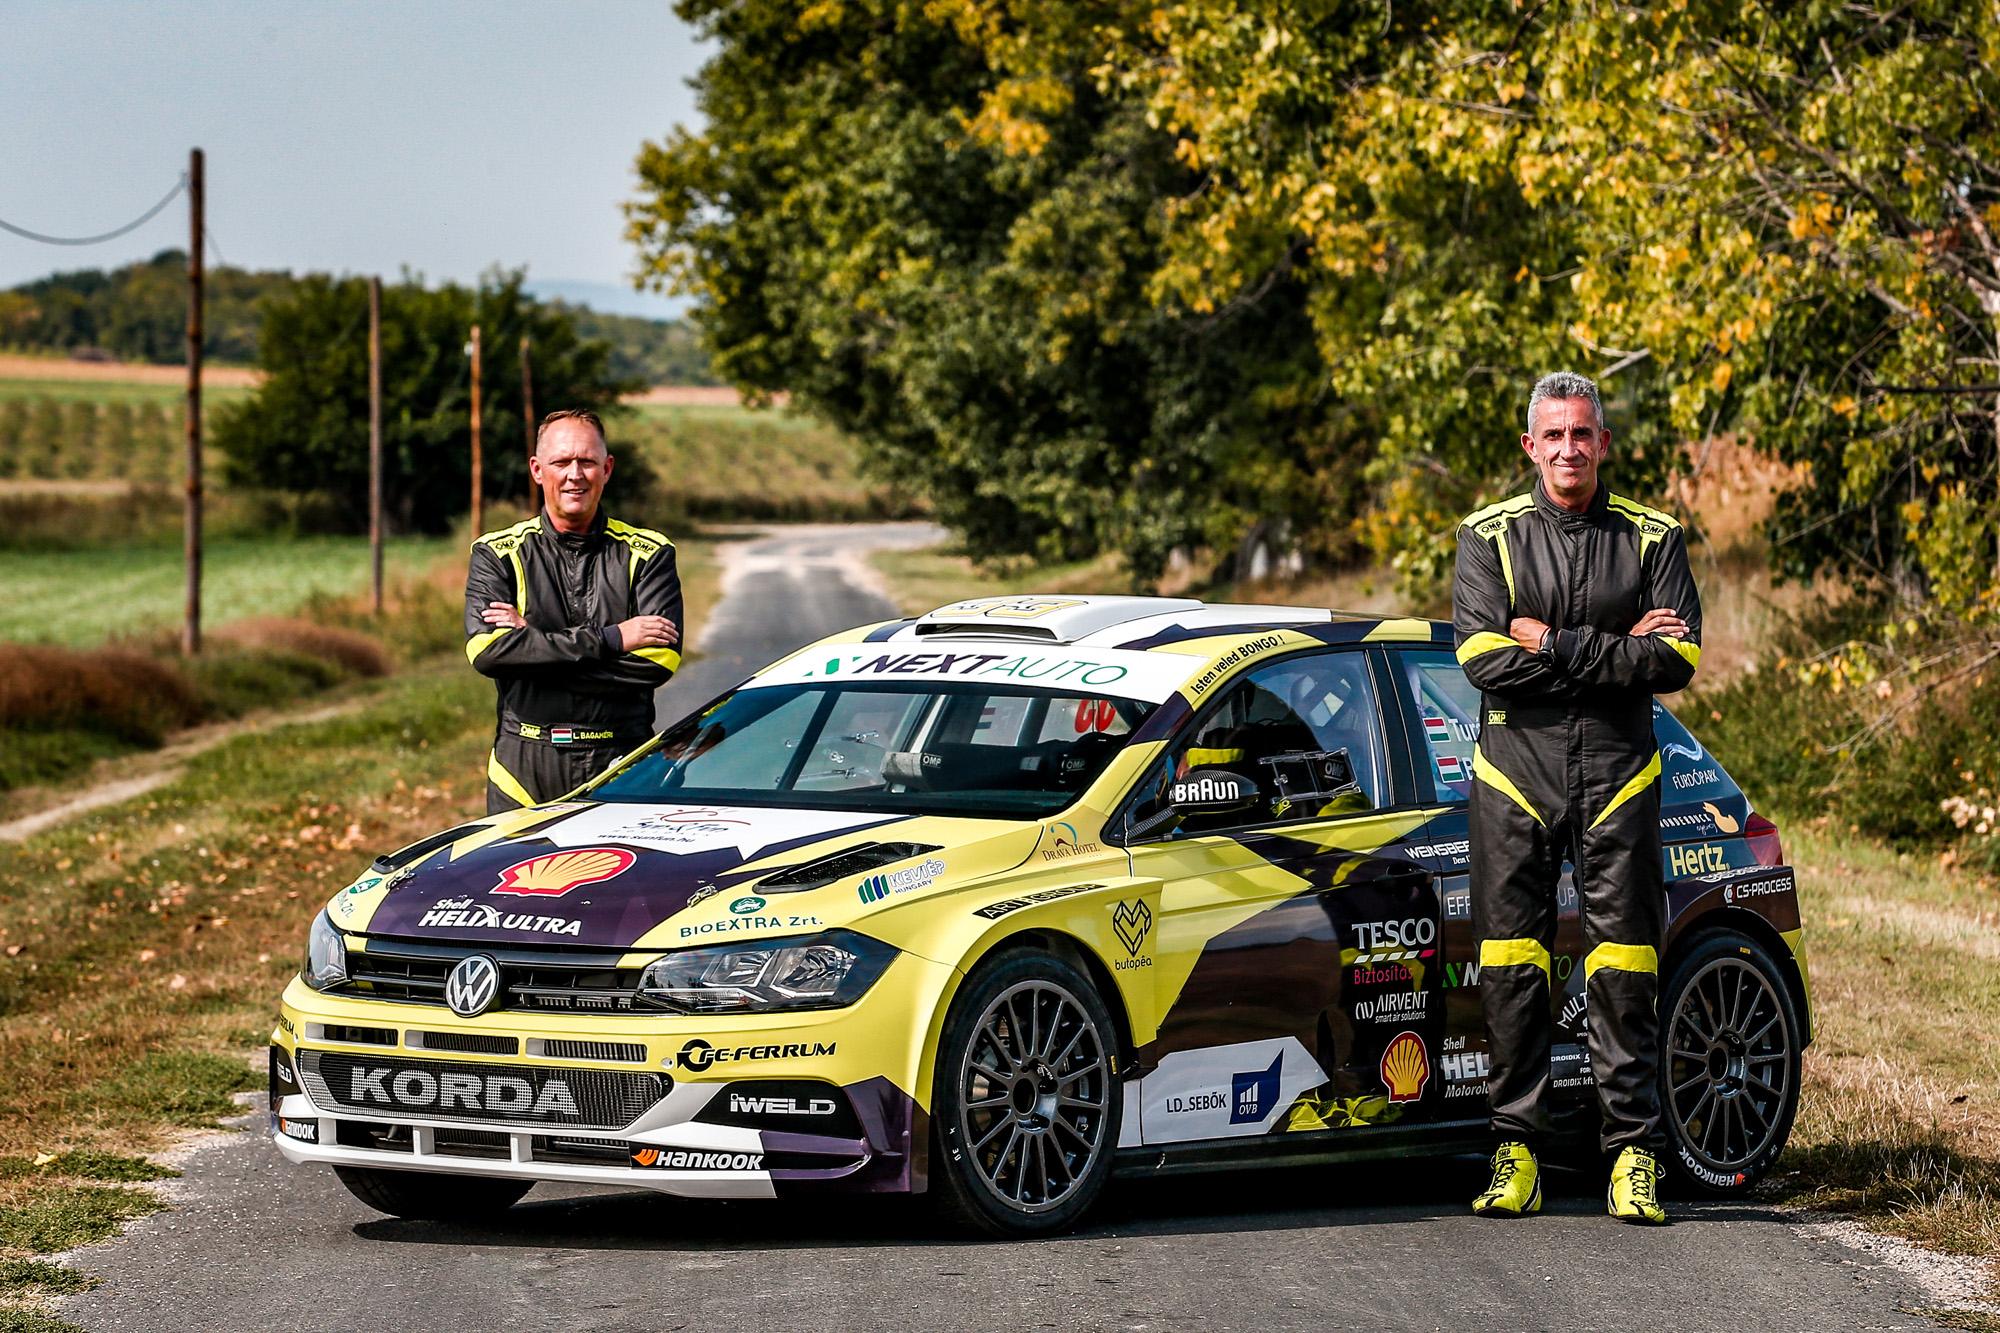 Vértes Rallye: Új név, ismerős pályák